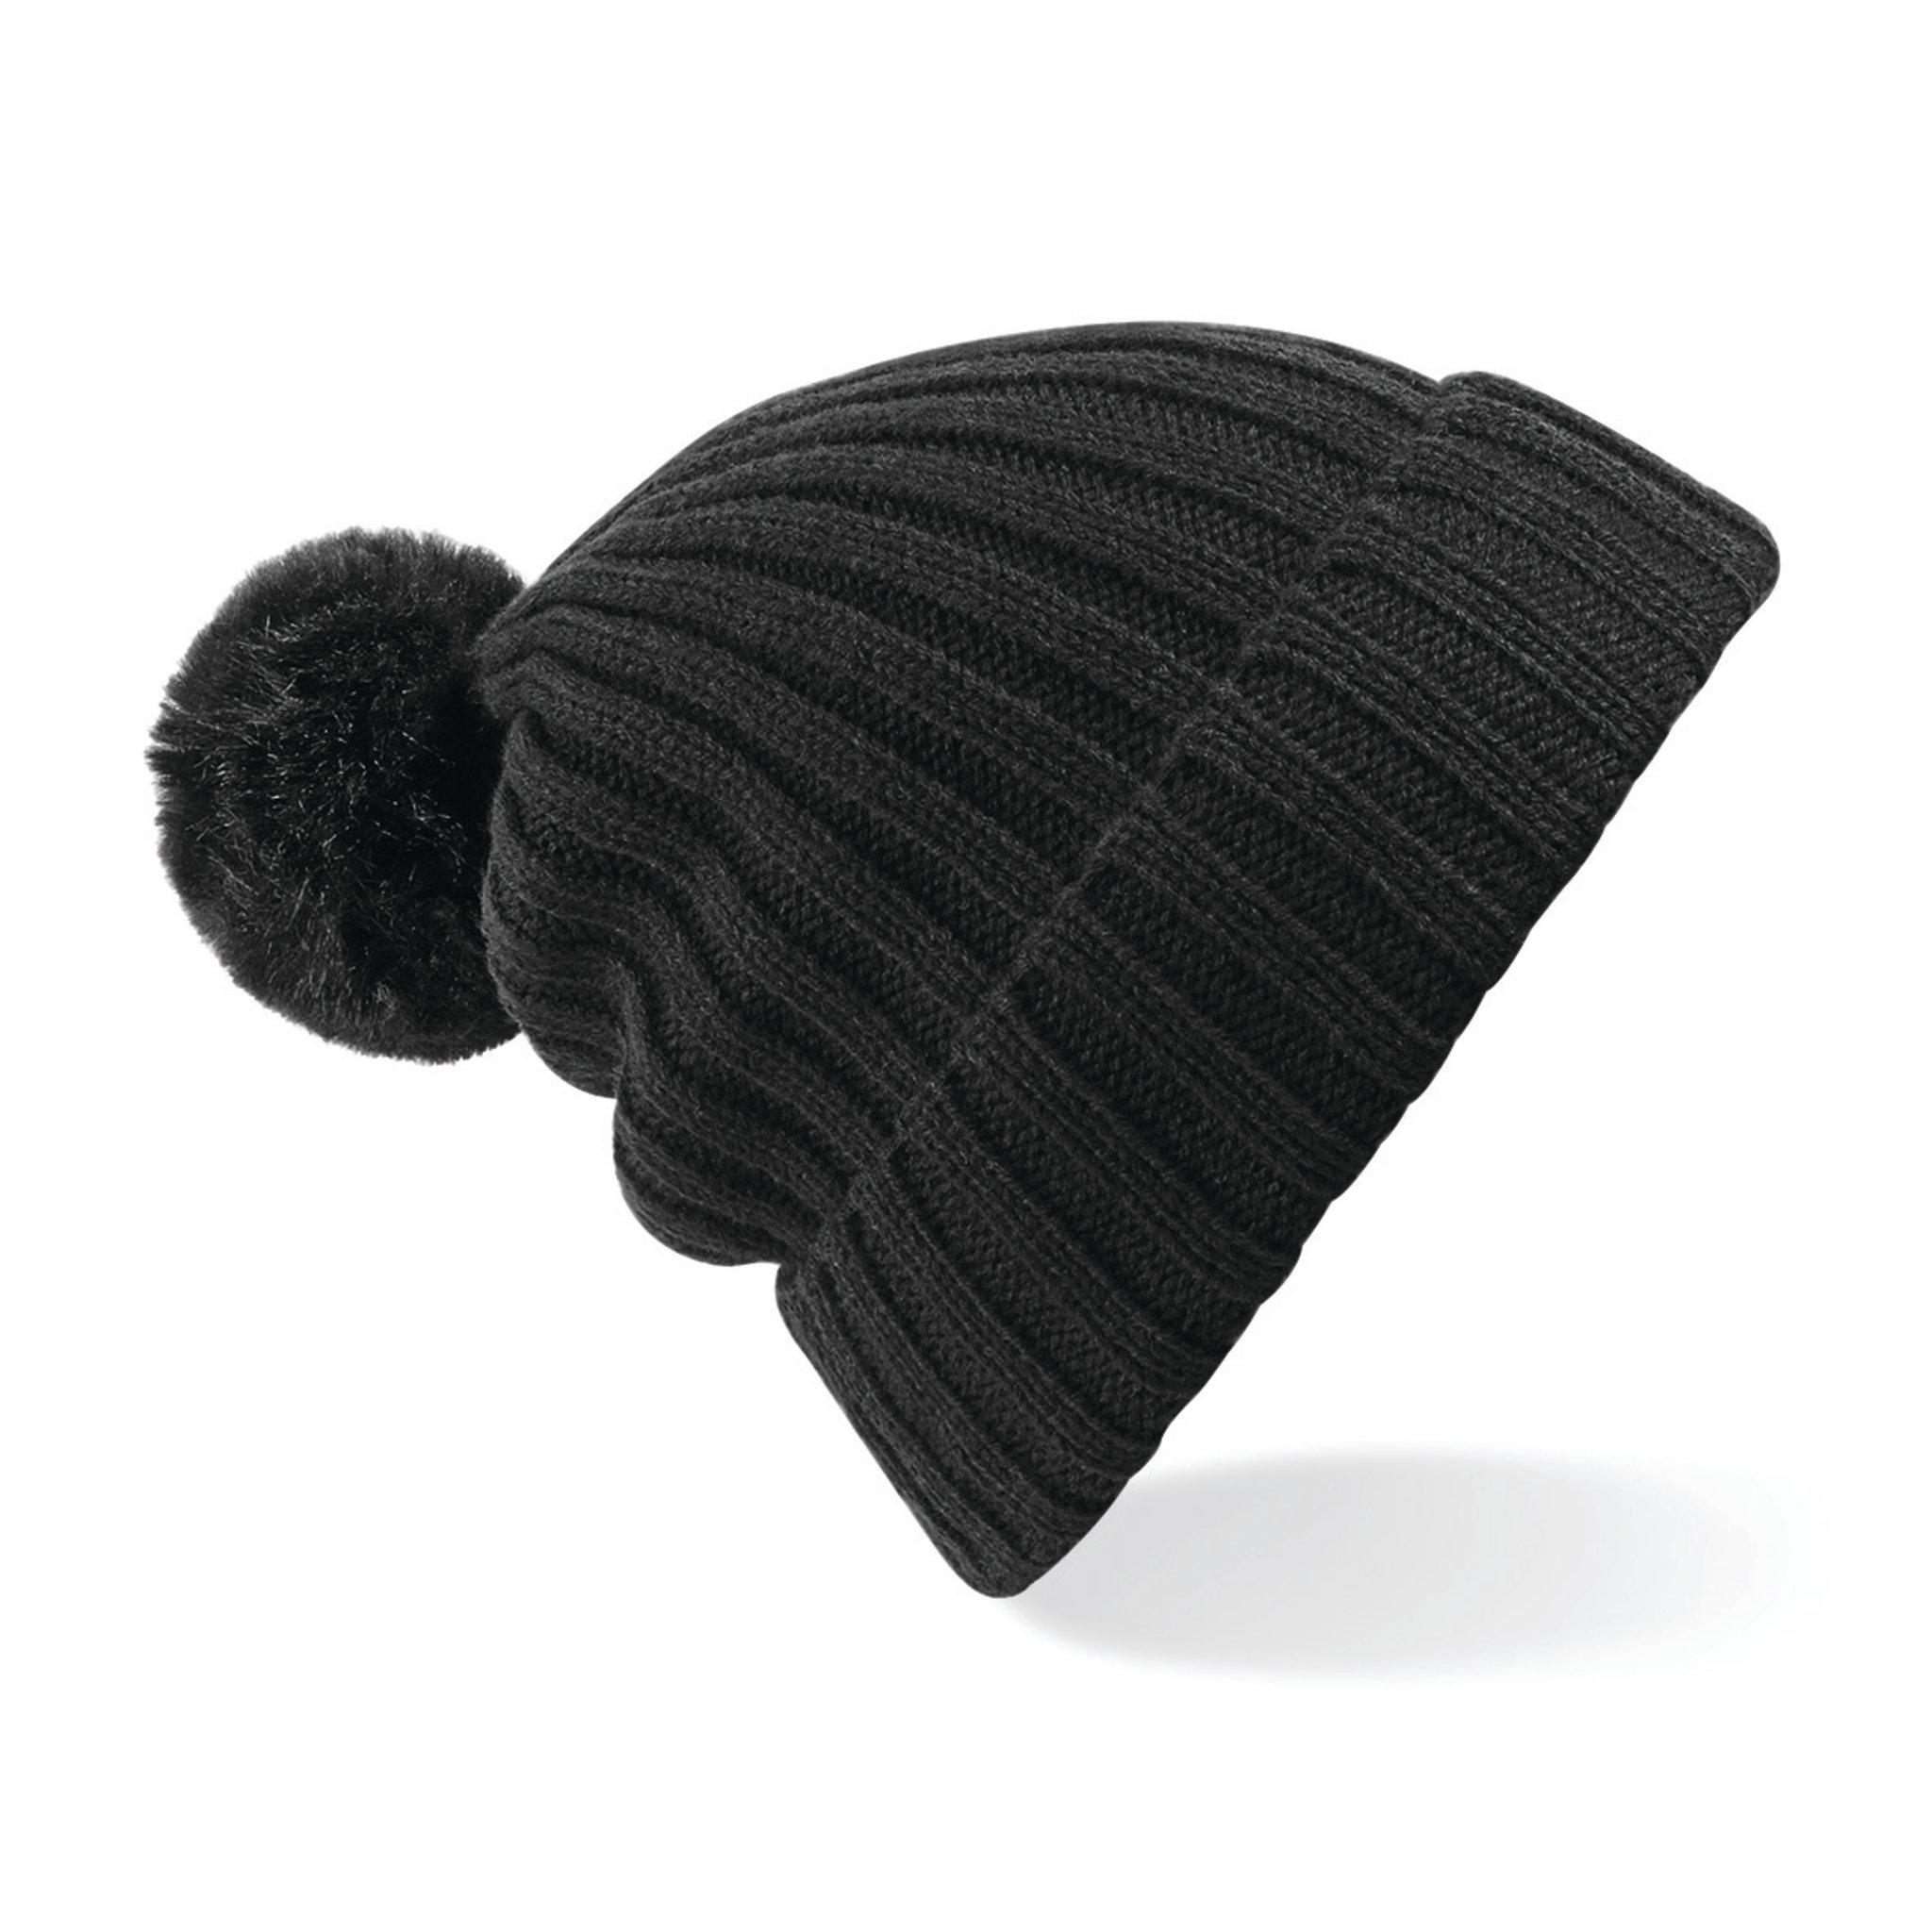 Bonnet promotionnel Arosa pour femme - bonnet publicitaire